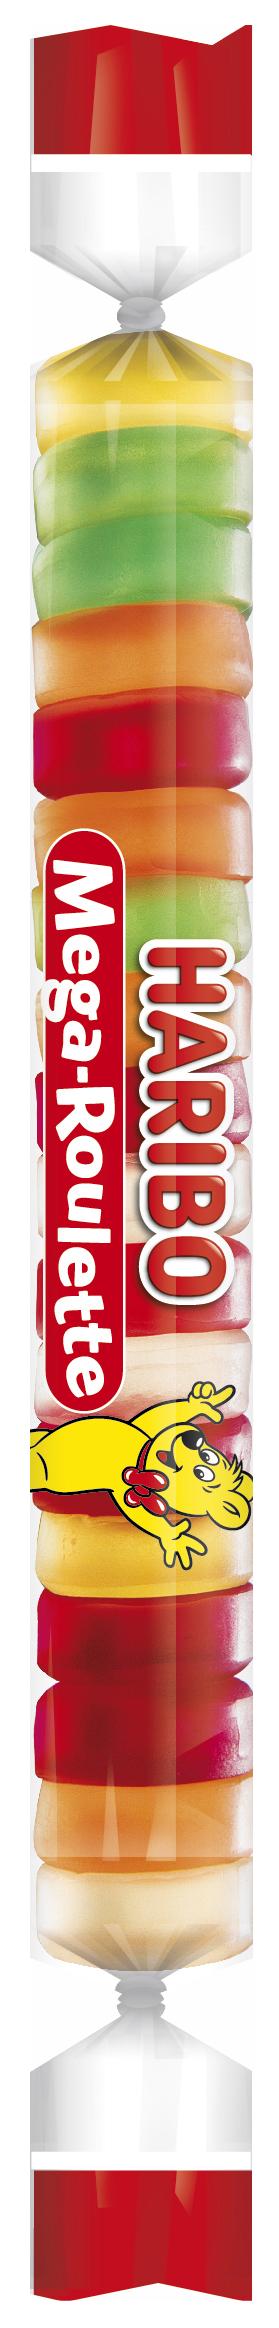 Packshot Mega Roulette